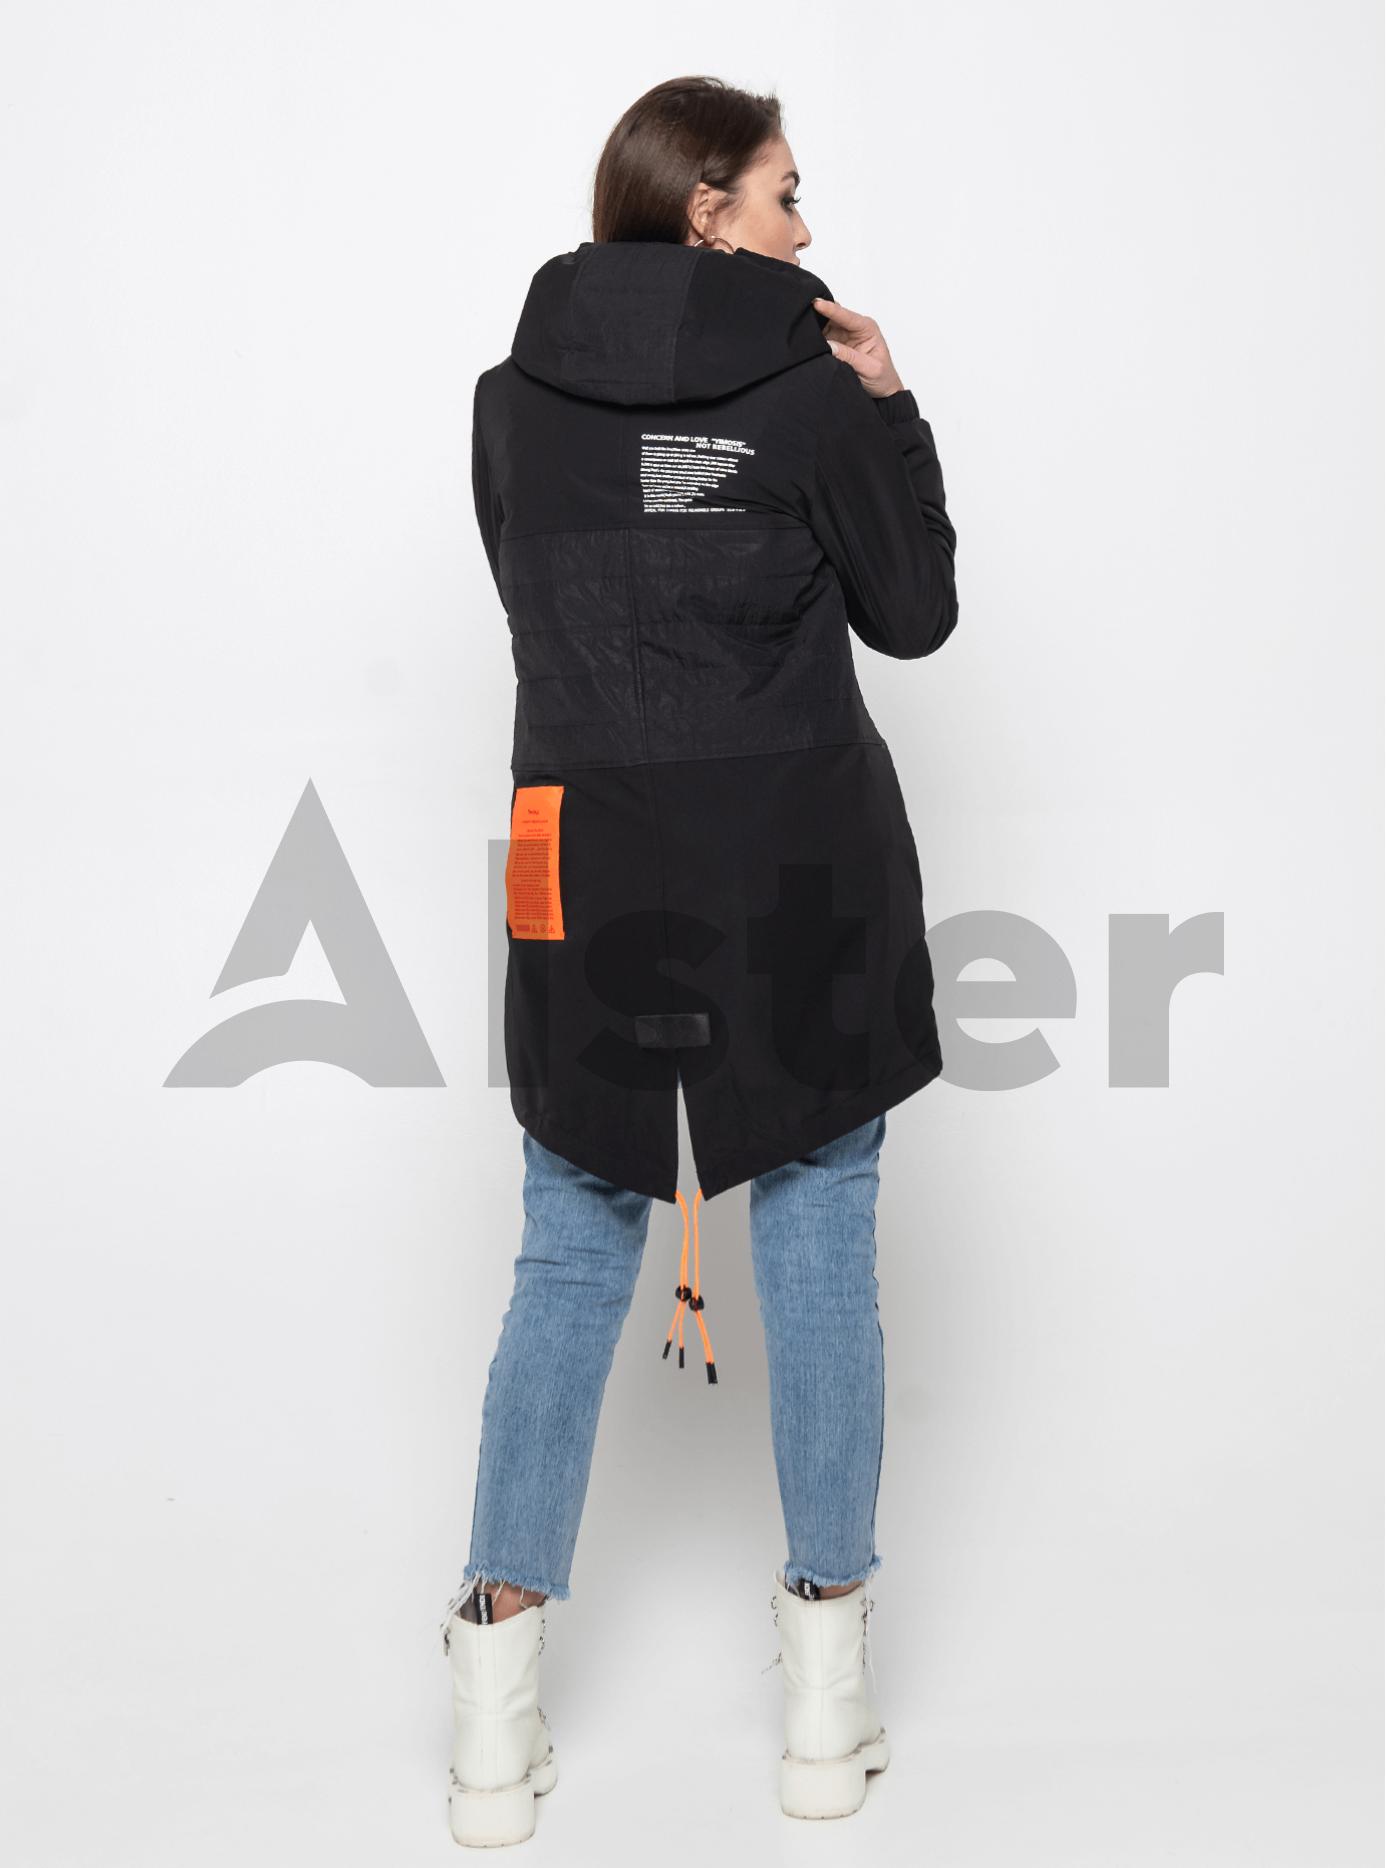 Куртка демисезонная средней длины Чёрный S (02-Y191011): фото - Alster.ua